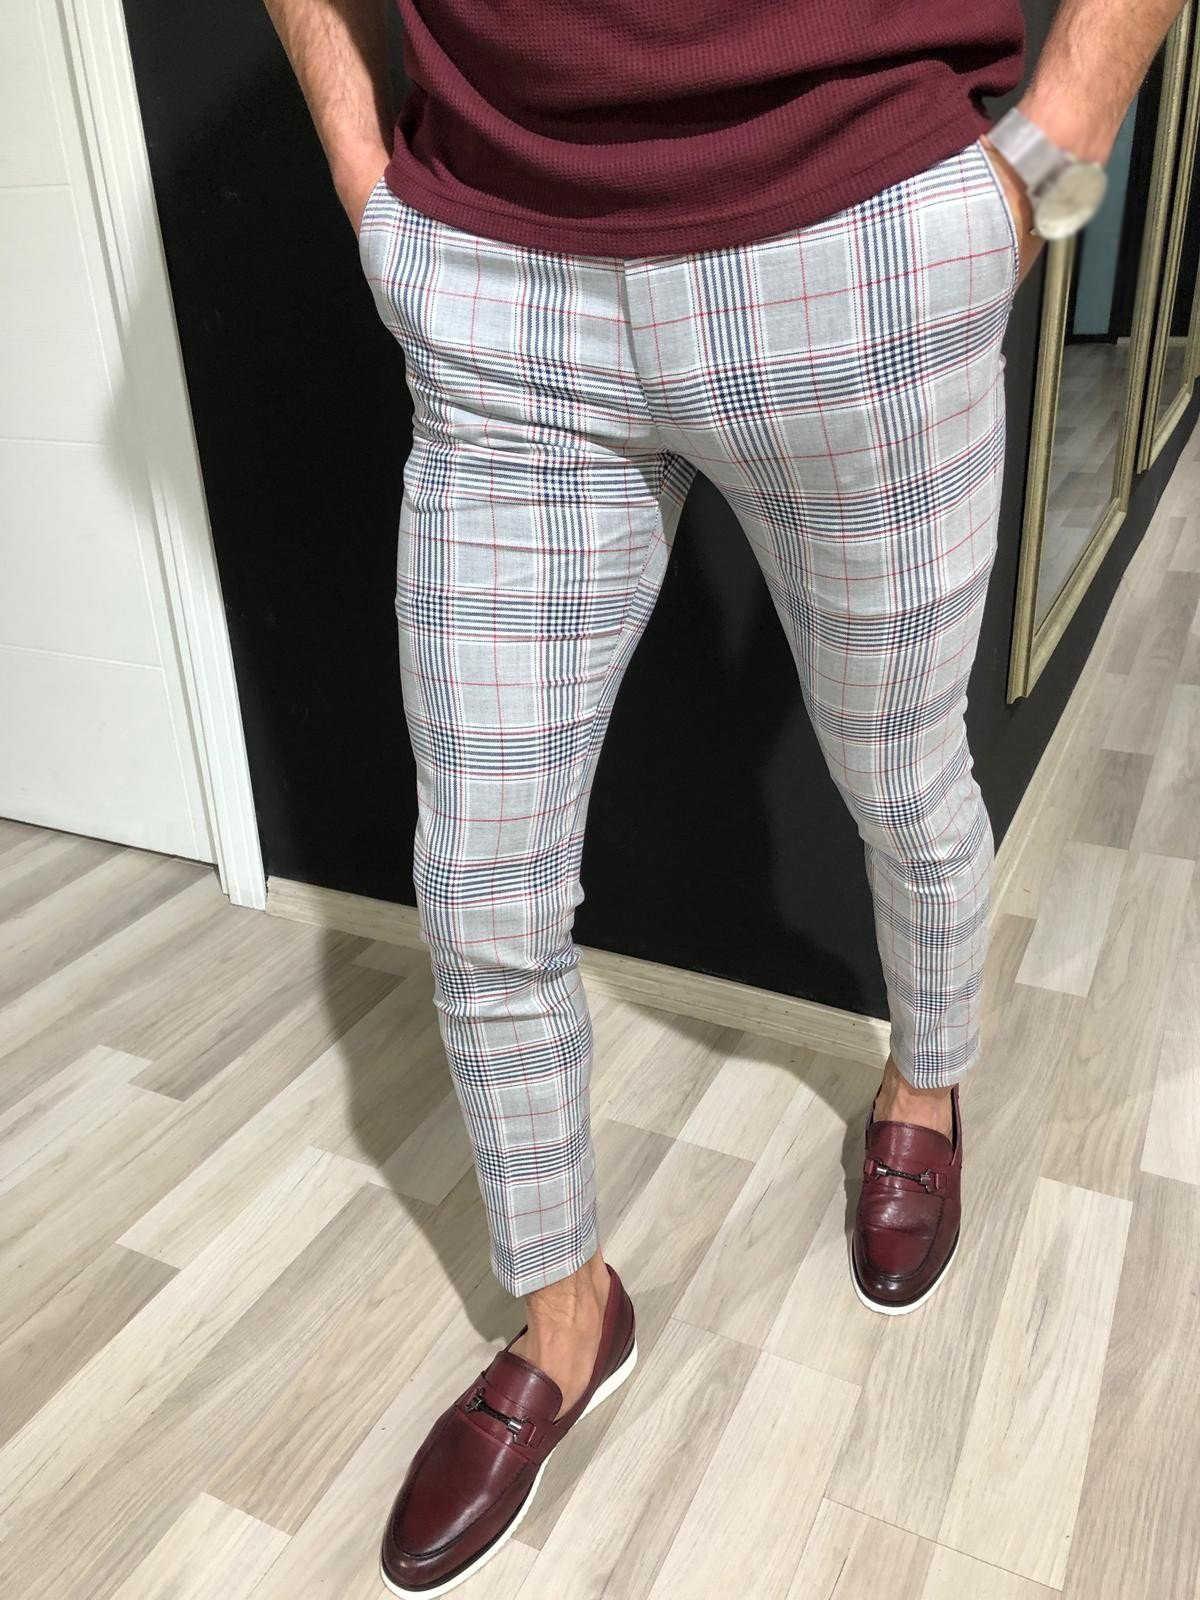 3 モデルメンズスリムフィットのズボン、カジュアルパンツジョギングタータンジョギングスキニー底